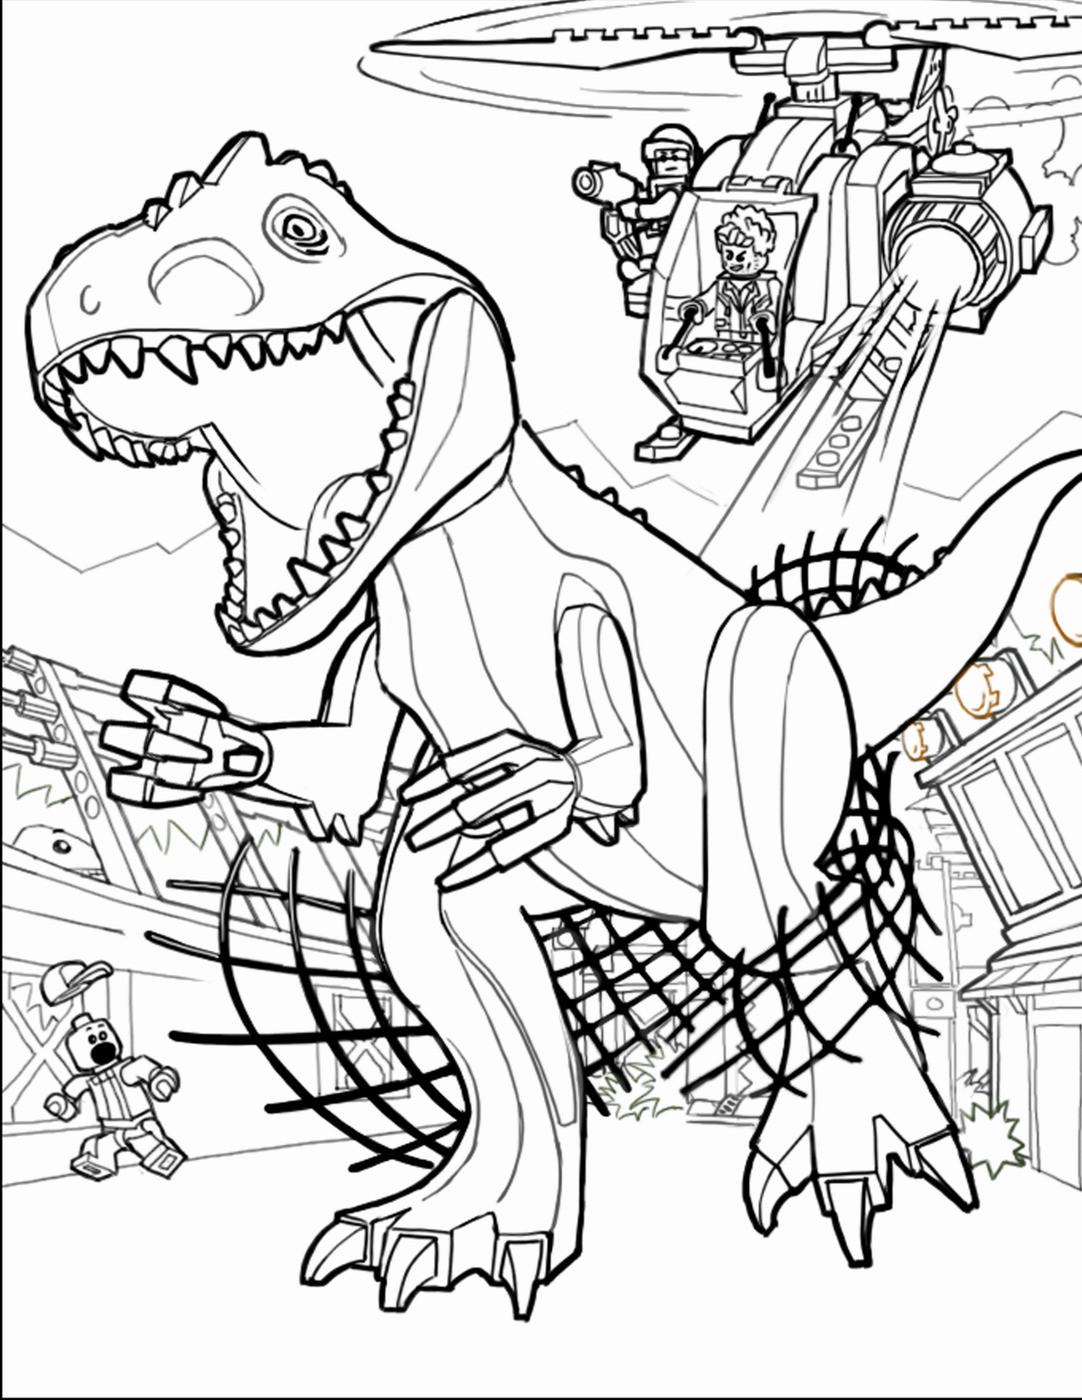 T Rex Malvorlage Genial 35 T Rex Ausmalbilder Scoredatscore Inspirierend T Rex Ausmalbilder Galerie